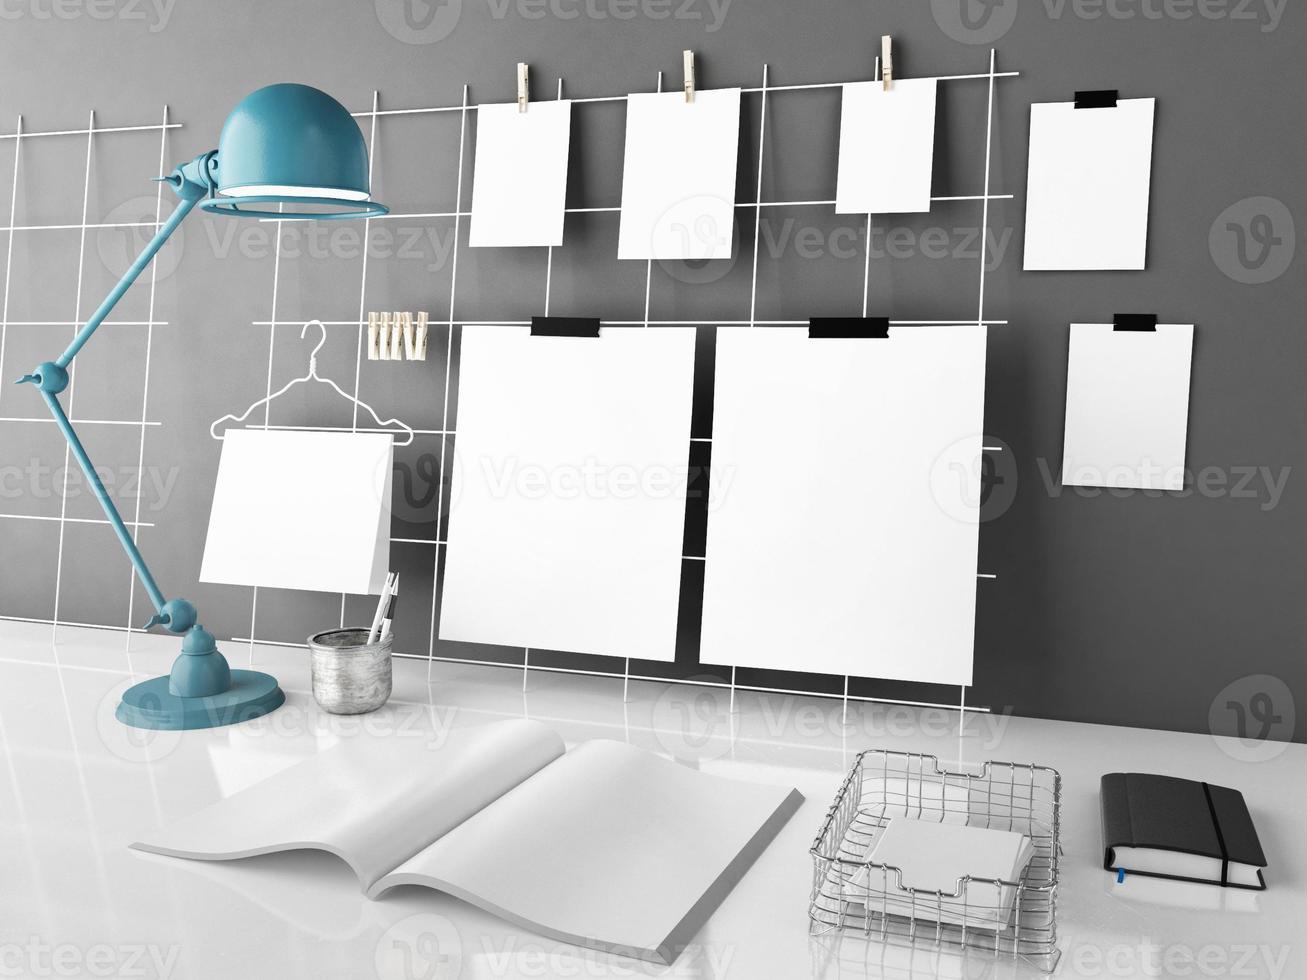 scrivania mock up, illustrazione 3d foto